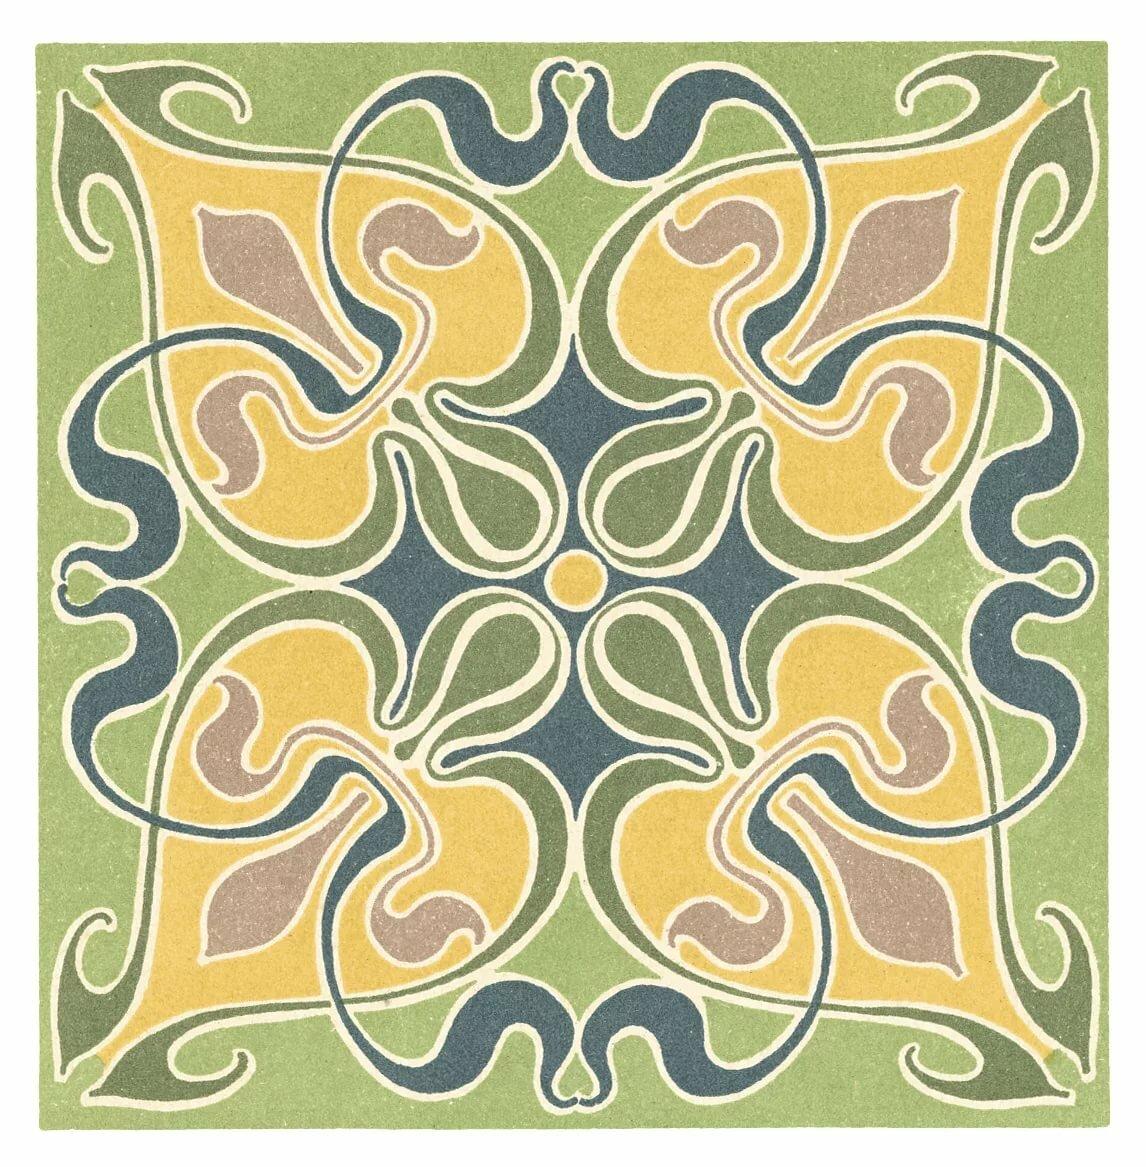 Растительный орнамент картинки в квадрате